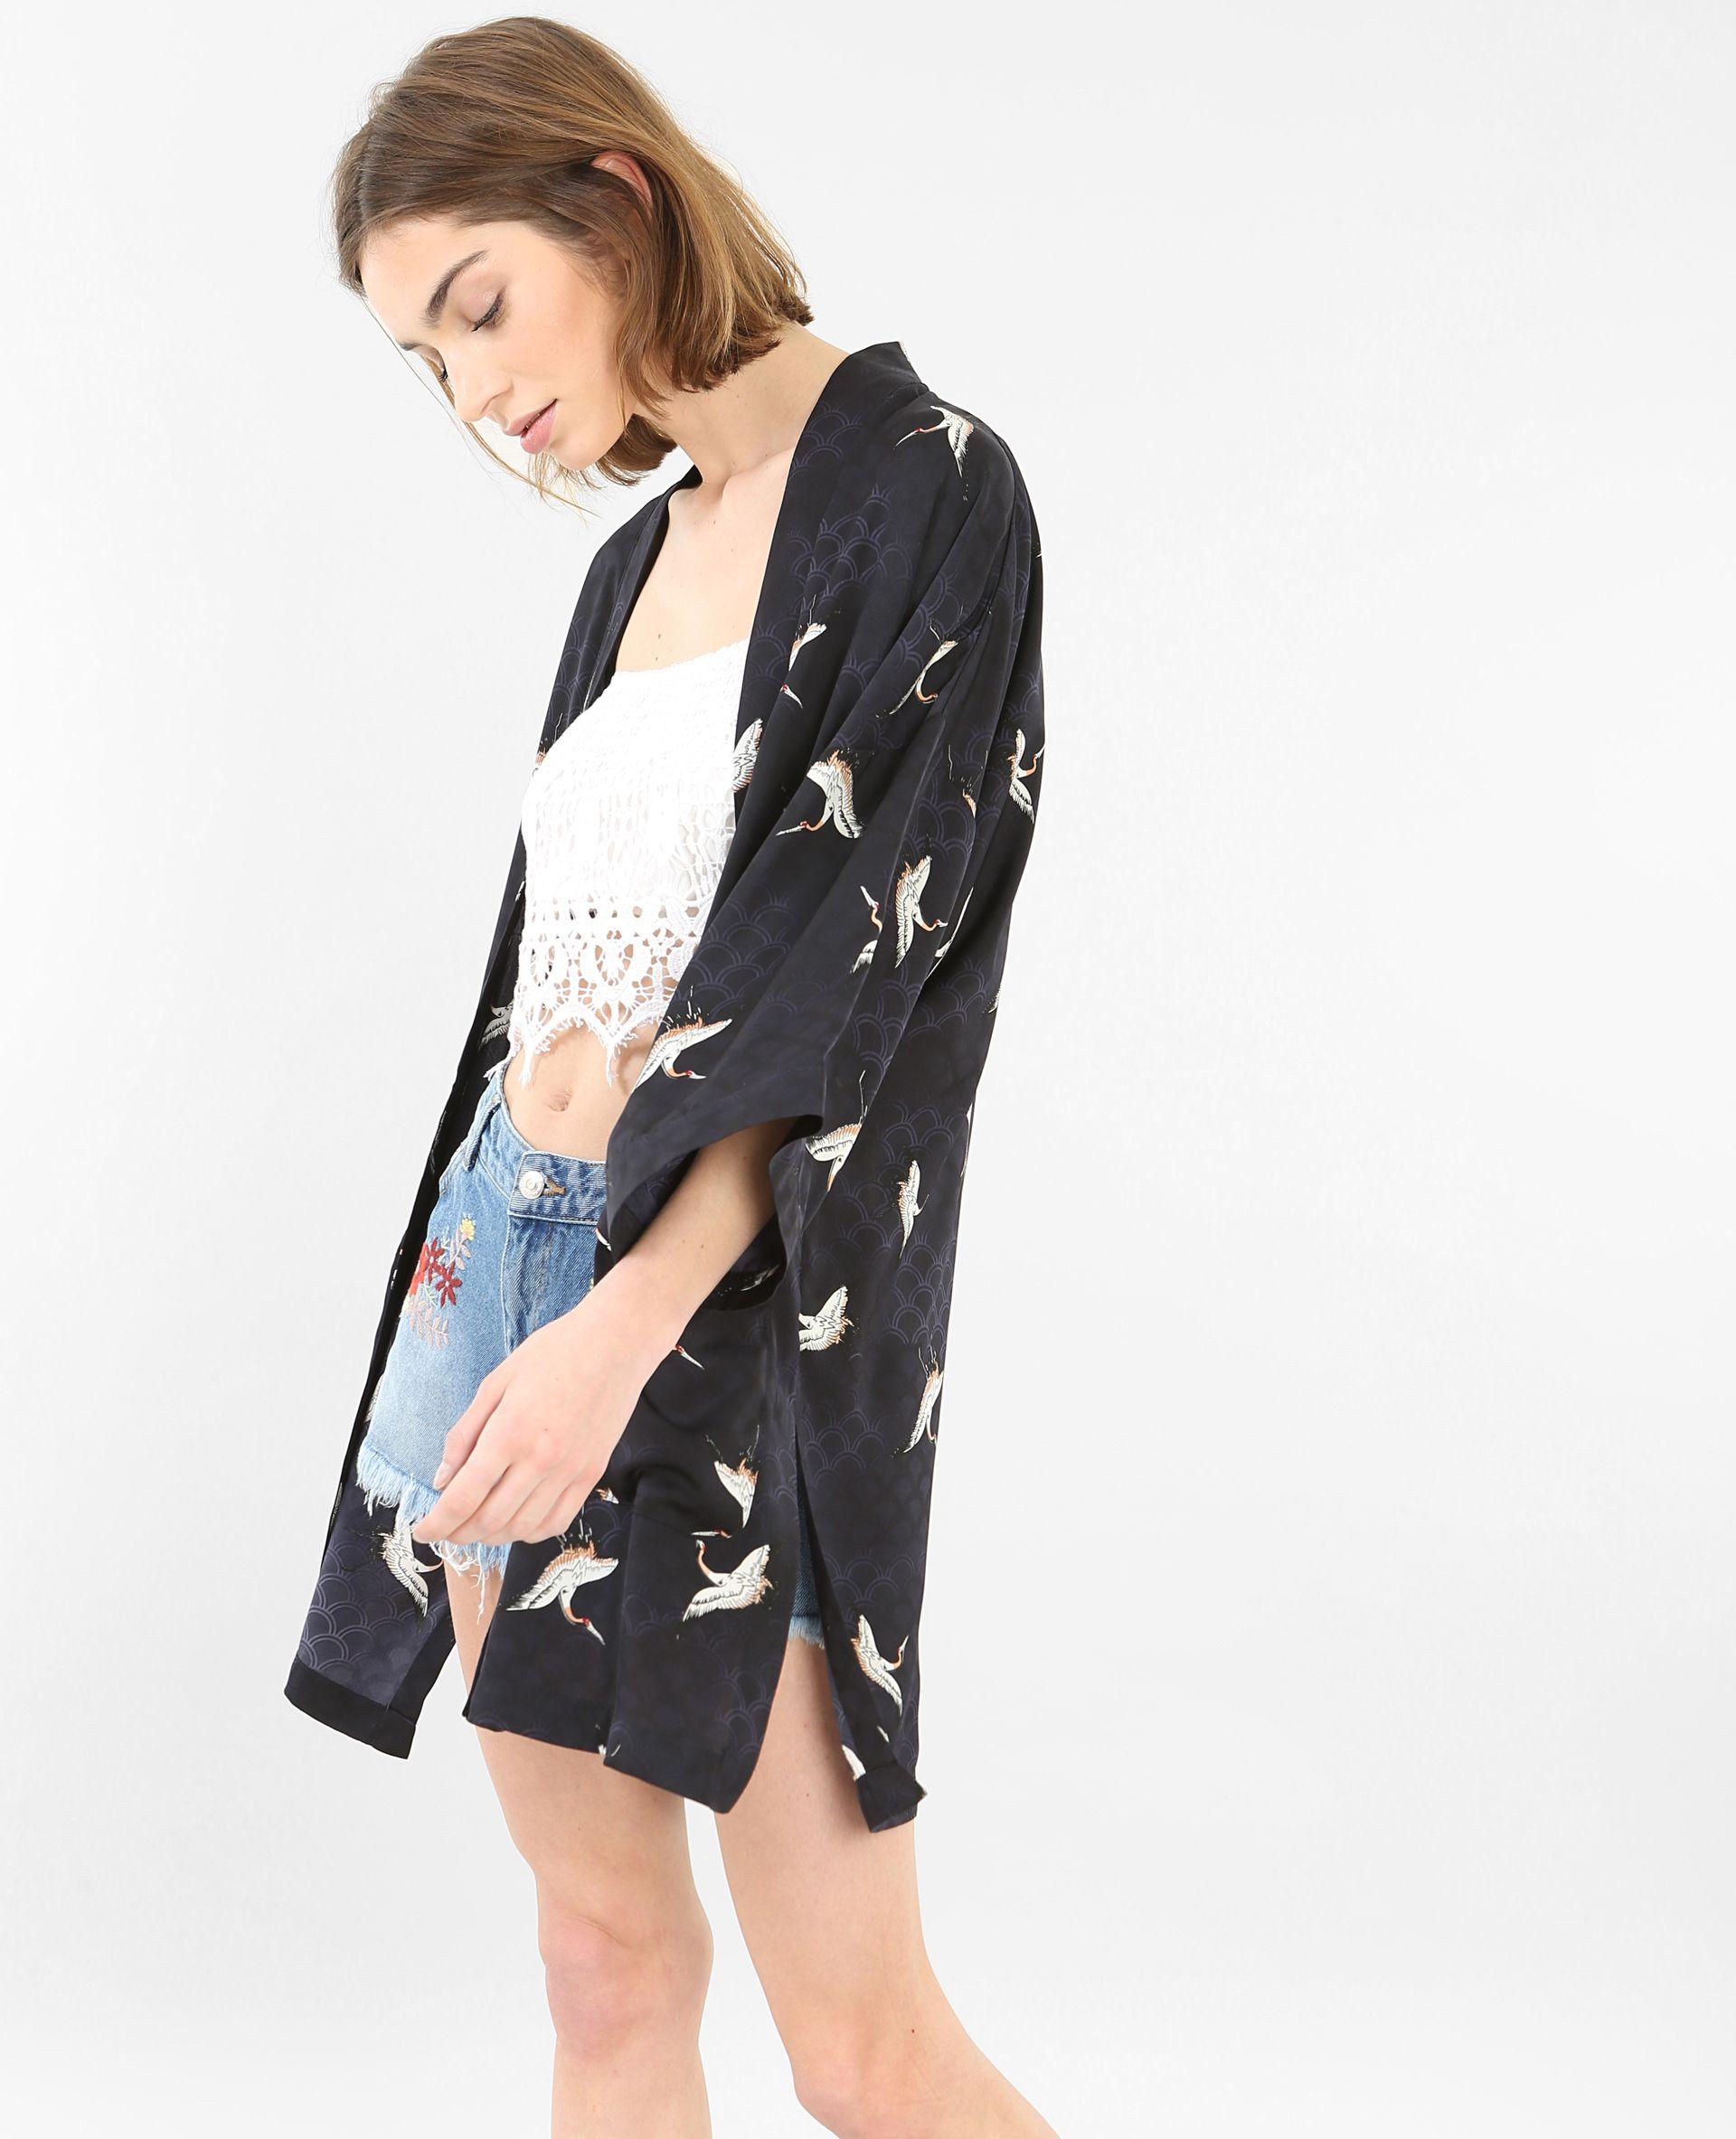 Veste kimono femme pimkie